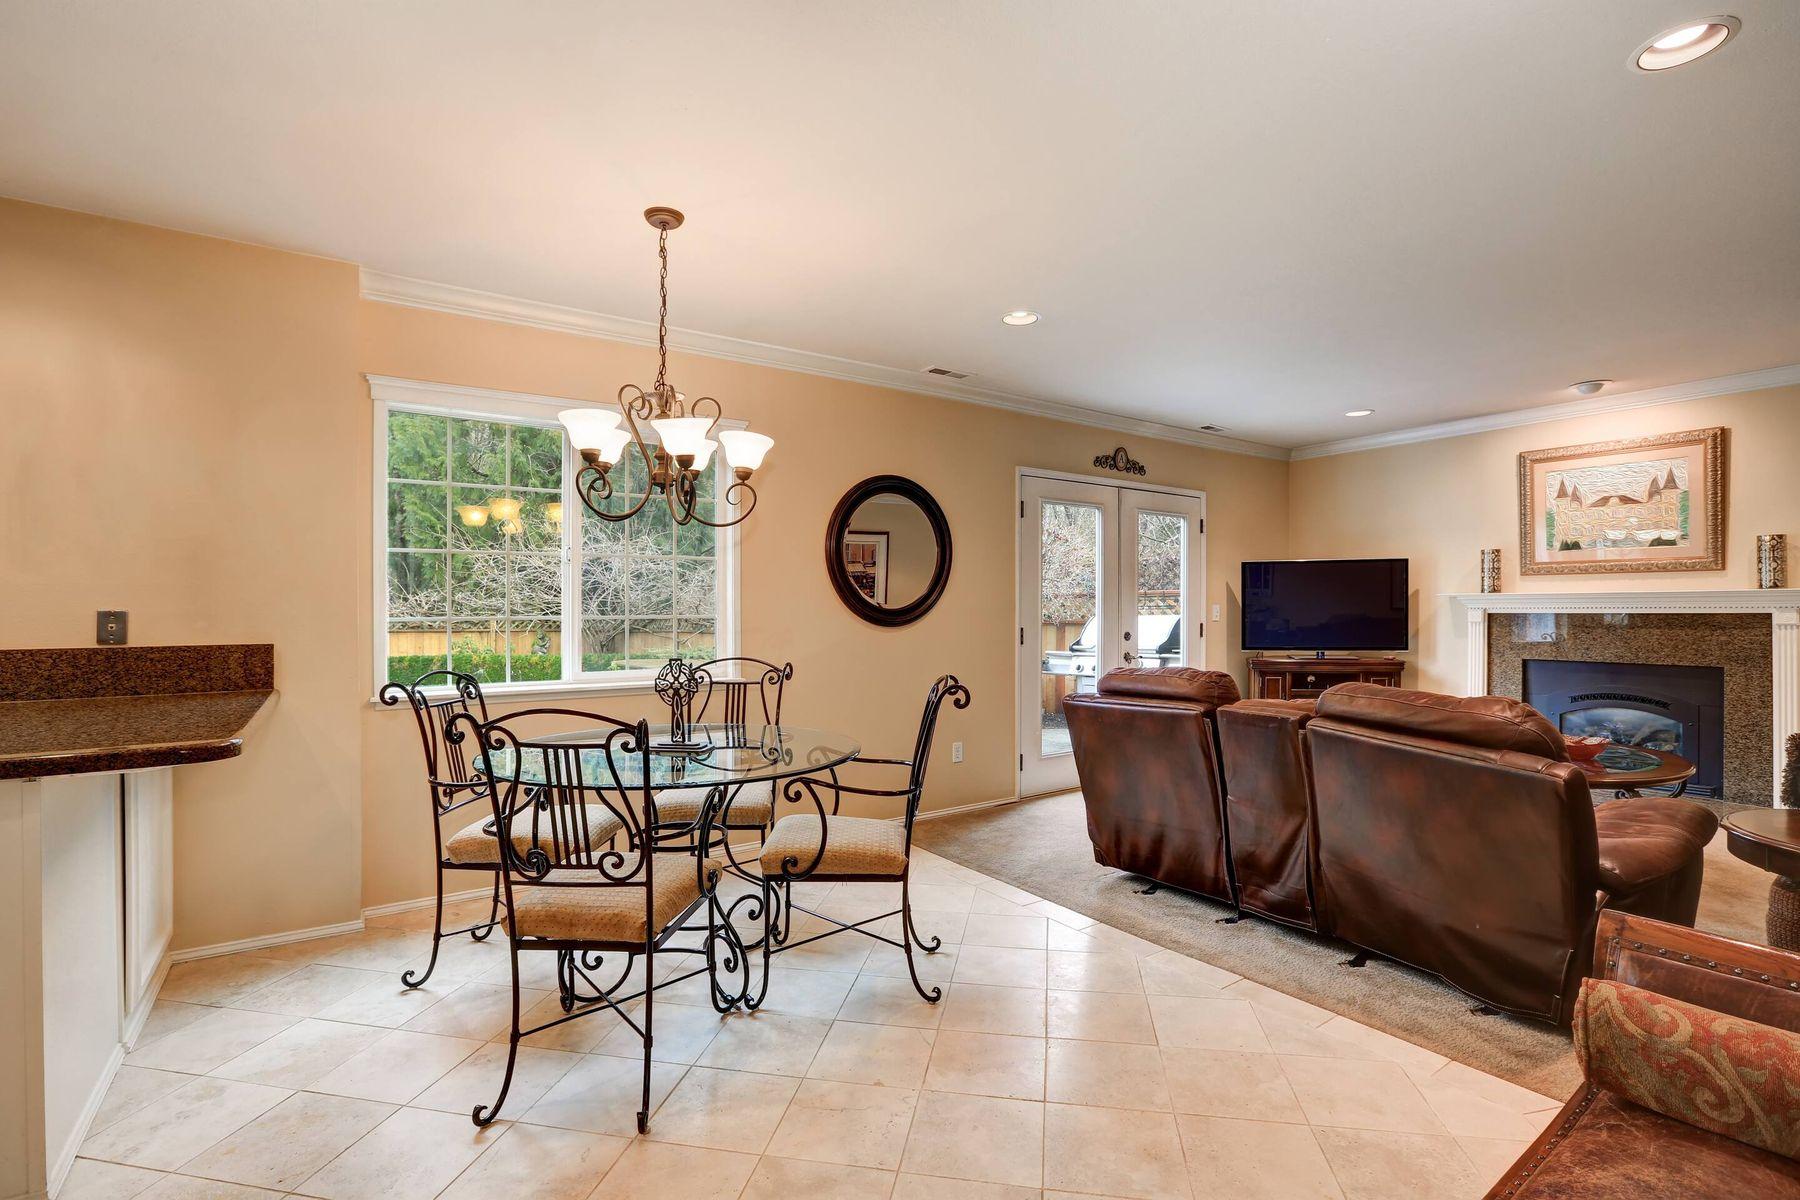 अपने घर के लोहे के फ़र्निचर को धूल से कैसे रखें दूर | गेट सेट क्लीन